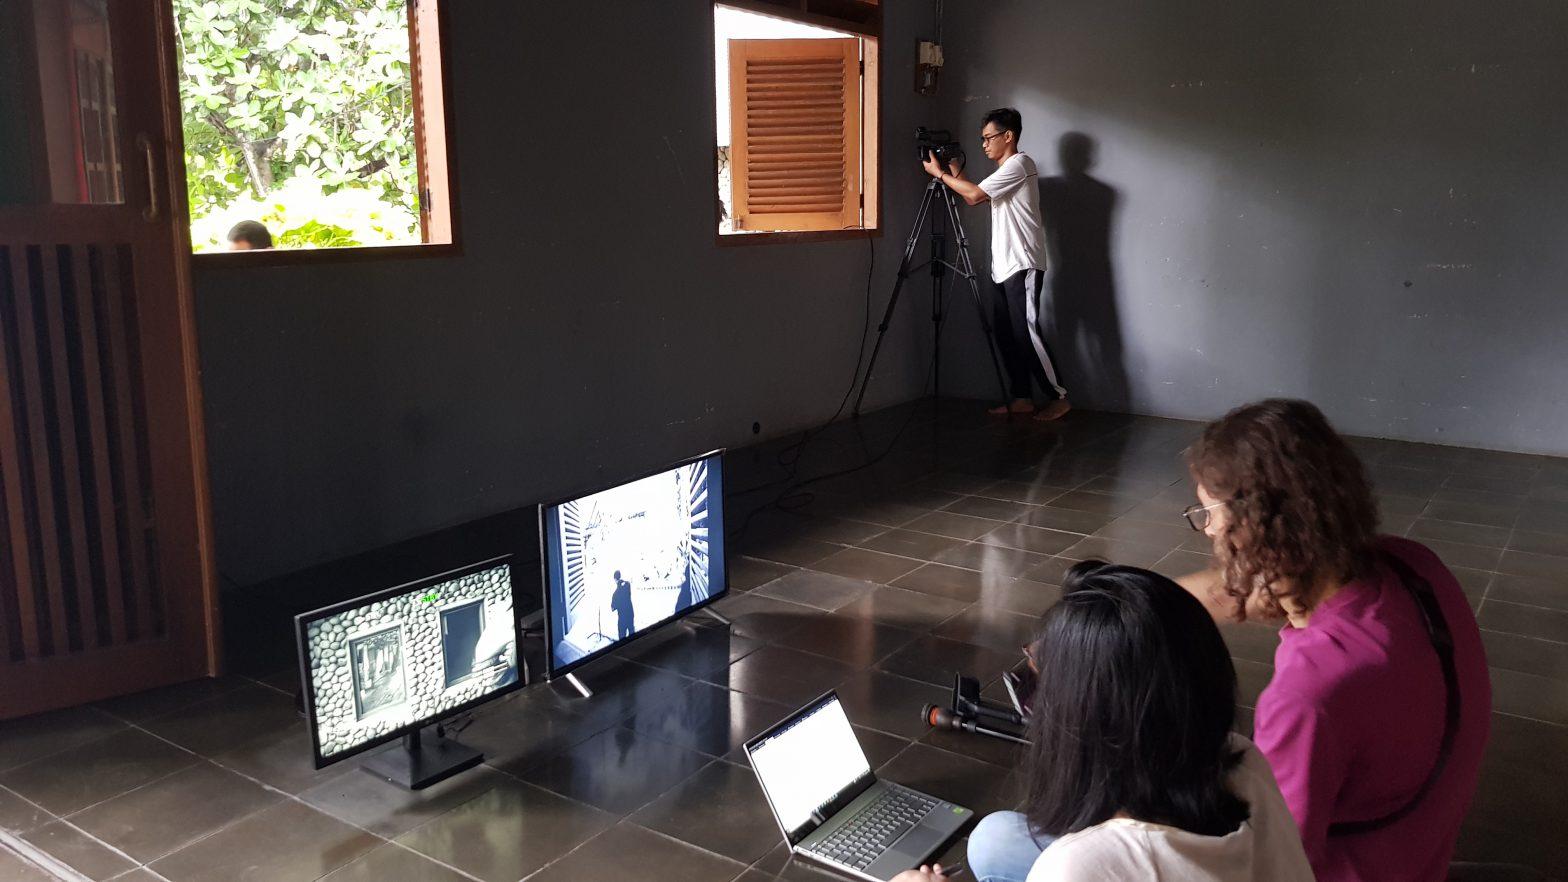 Dua orang duduk di lantai di depan monitor sementara seorang kru kamera mengambil gambar jendela yang terbuka / Two people sit on the floor in front of monitors while a camera person shoots out an open window.